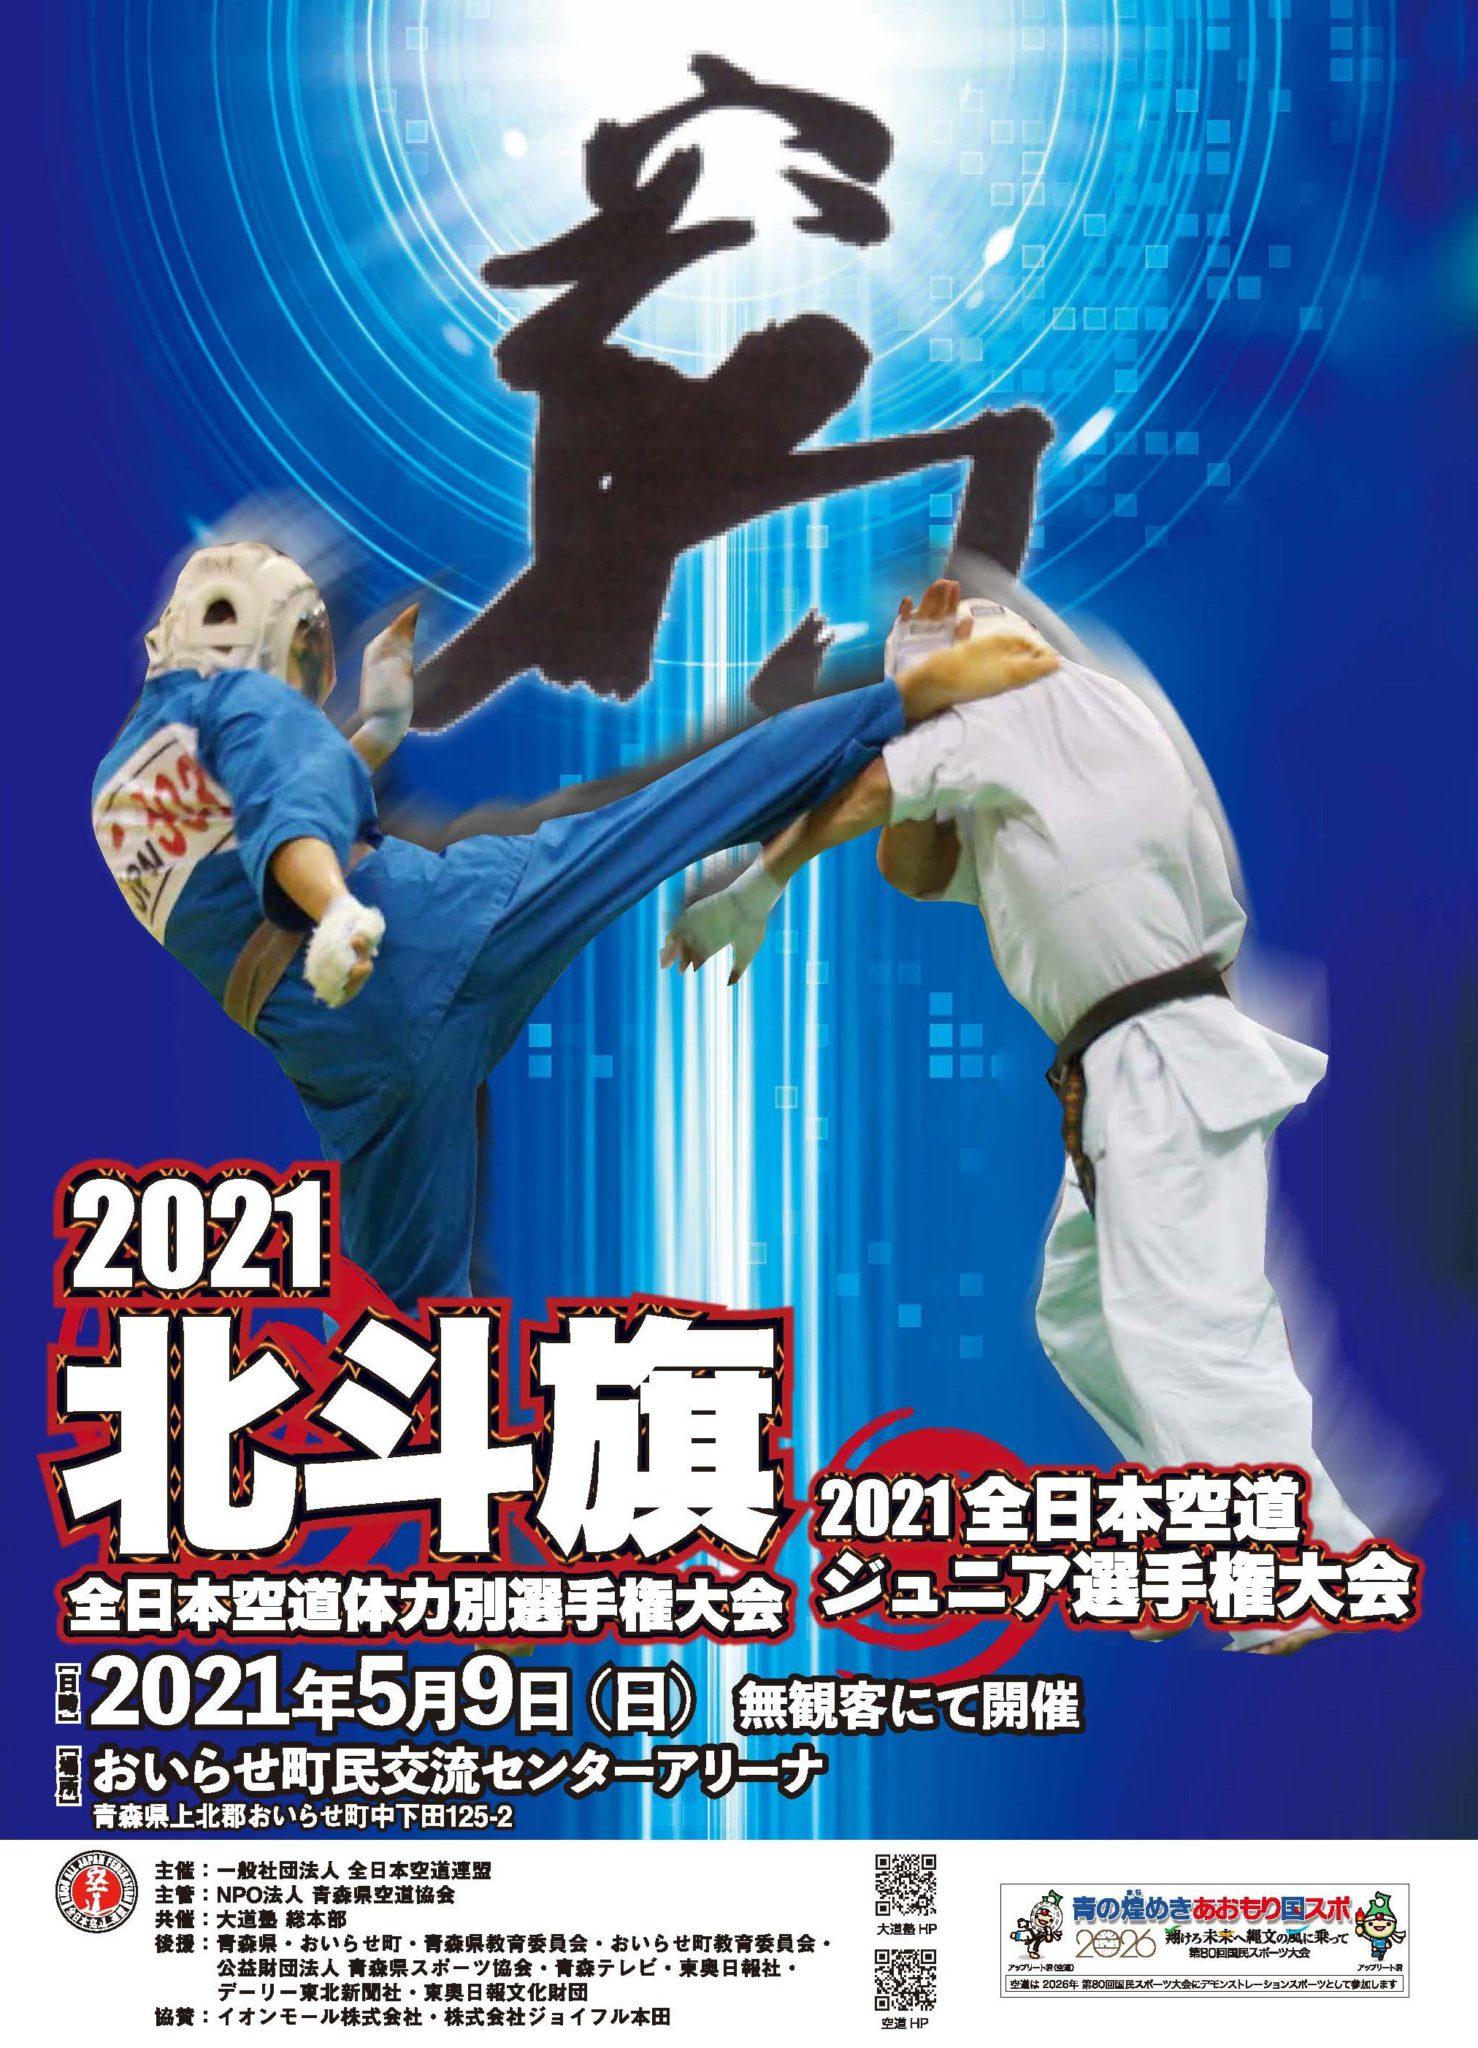 2021北斗旗 全日本空道体力別選手権大会 2021全日本空道ジュニア選抜選手権大会 A試合場 試合番番号26~34